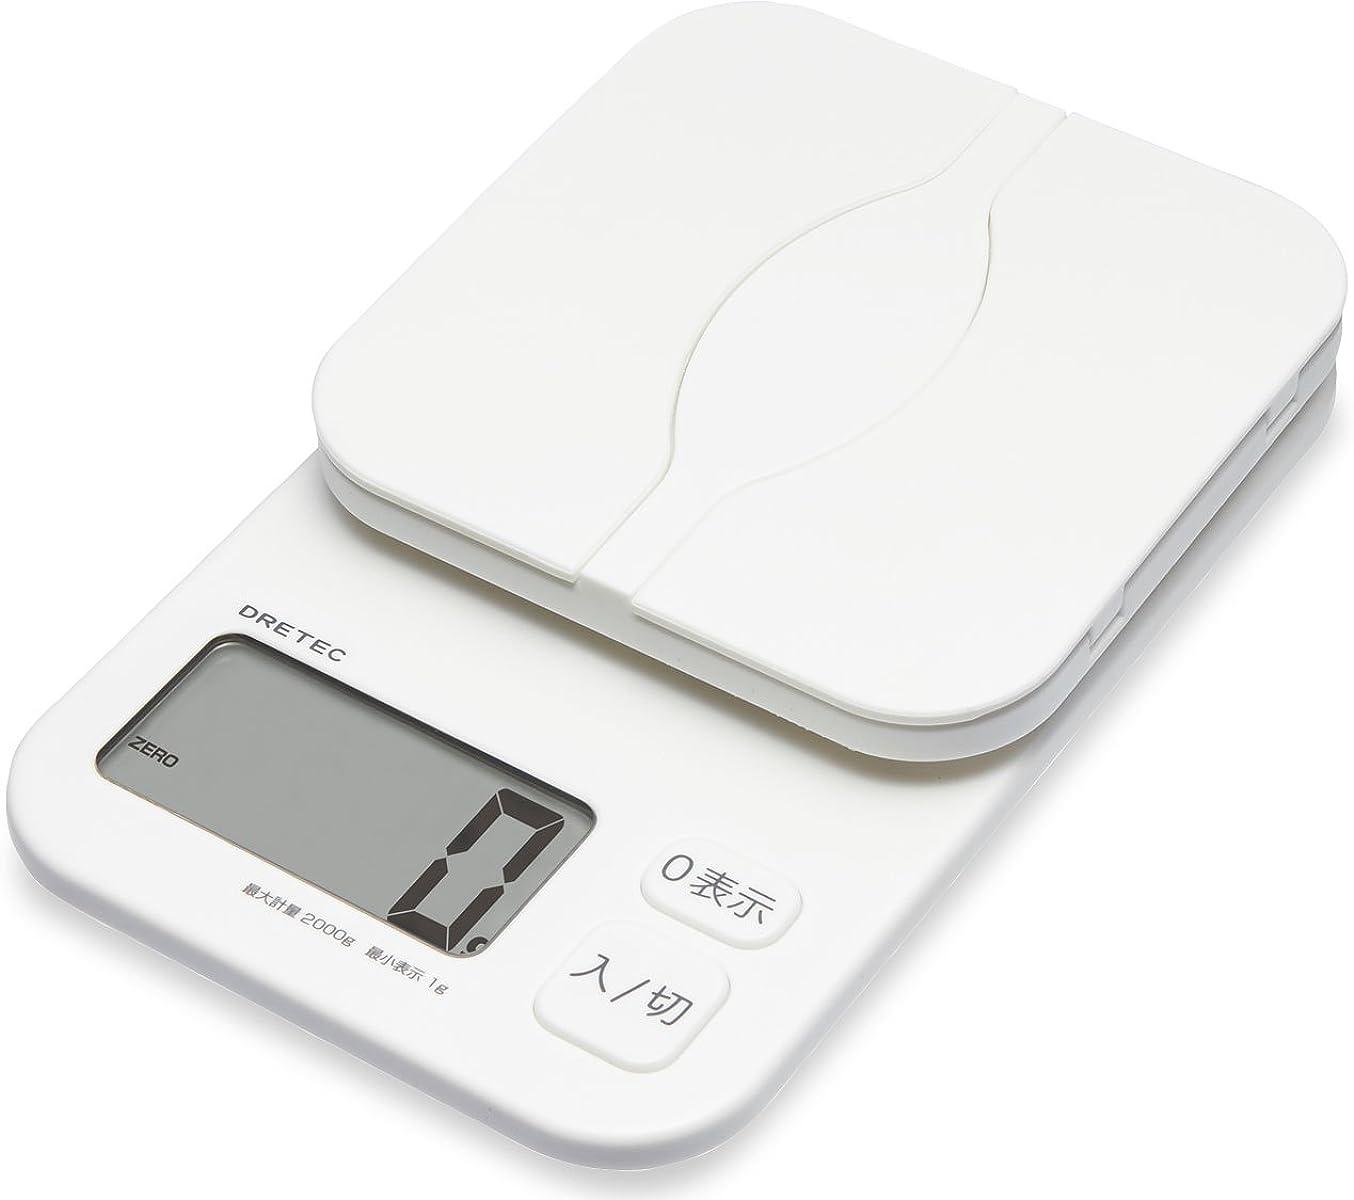 バンド住居ハイキングに行くdretec(ドリテック) キッチンスケール デジタル 計量皿が開く パカット 2kg/1g単位 風袋引き KS-257WT(ホワイト)